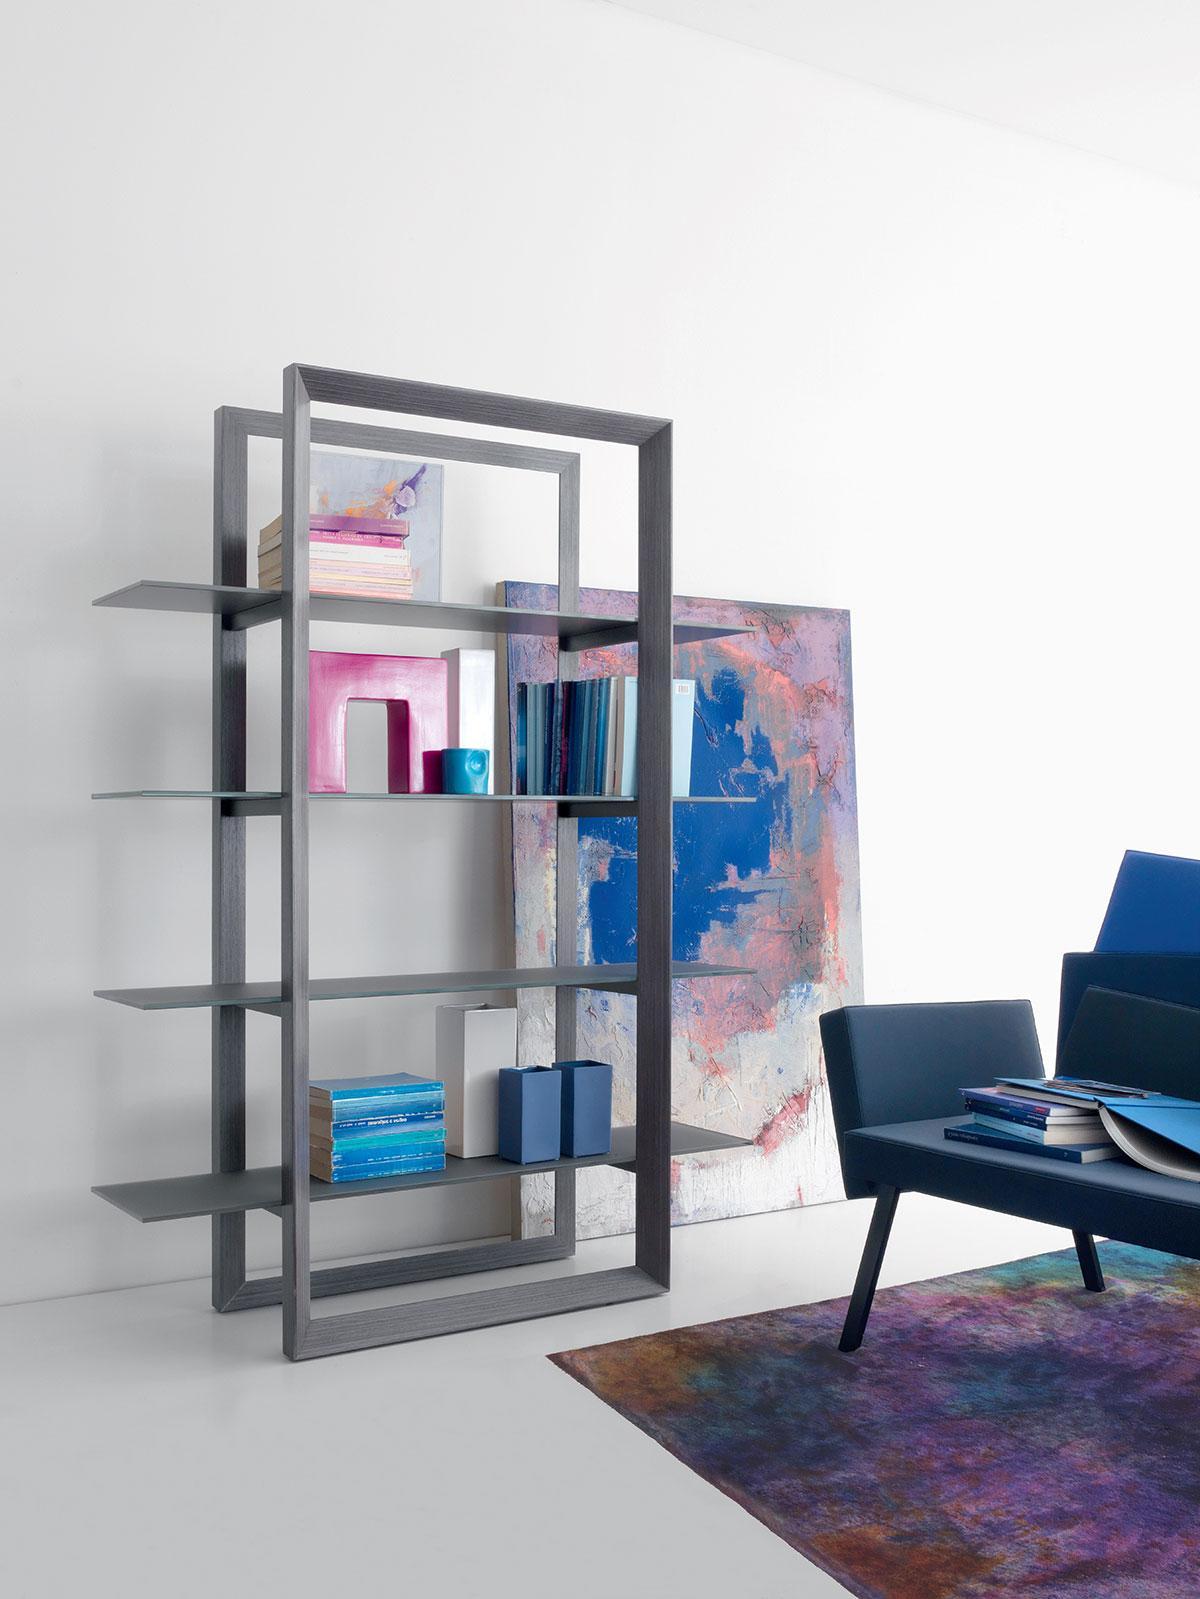 divano misure bianco nero marrone 2 posti prezzo arredamento casa / ufficio on line moderno di lusso 2015 design inspiration web made in italy